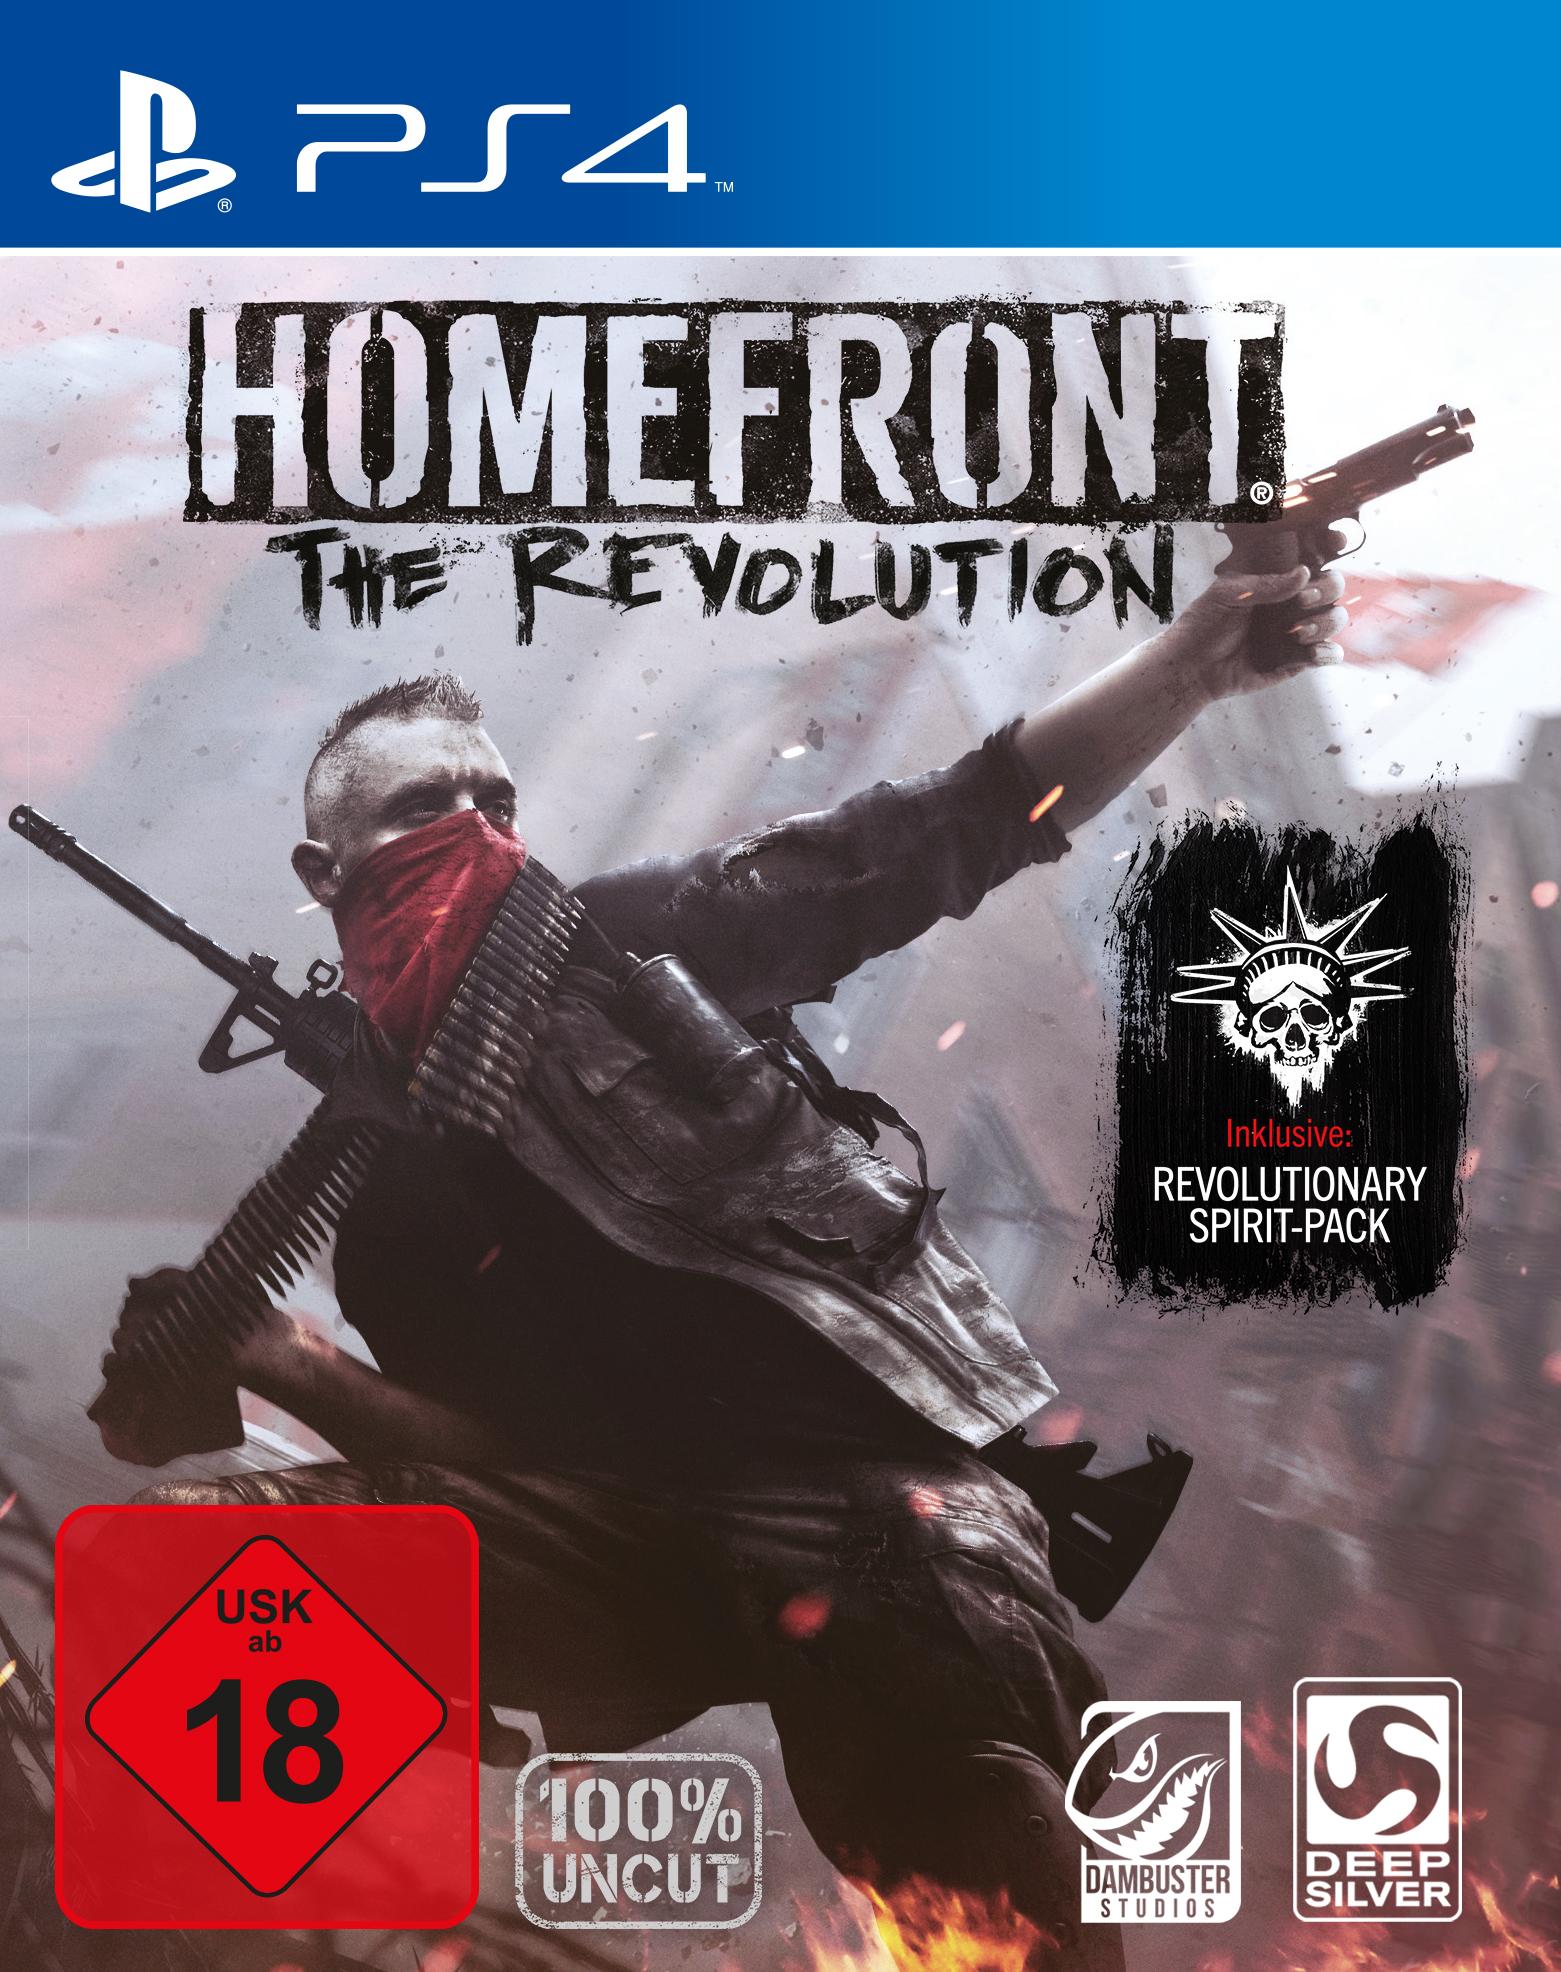 Homefront-the-revolution-usk-cover-packhot-german-nat-games